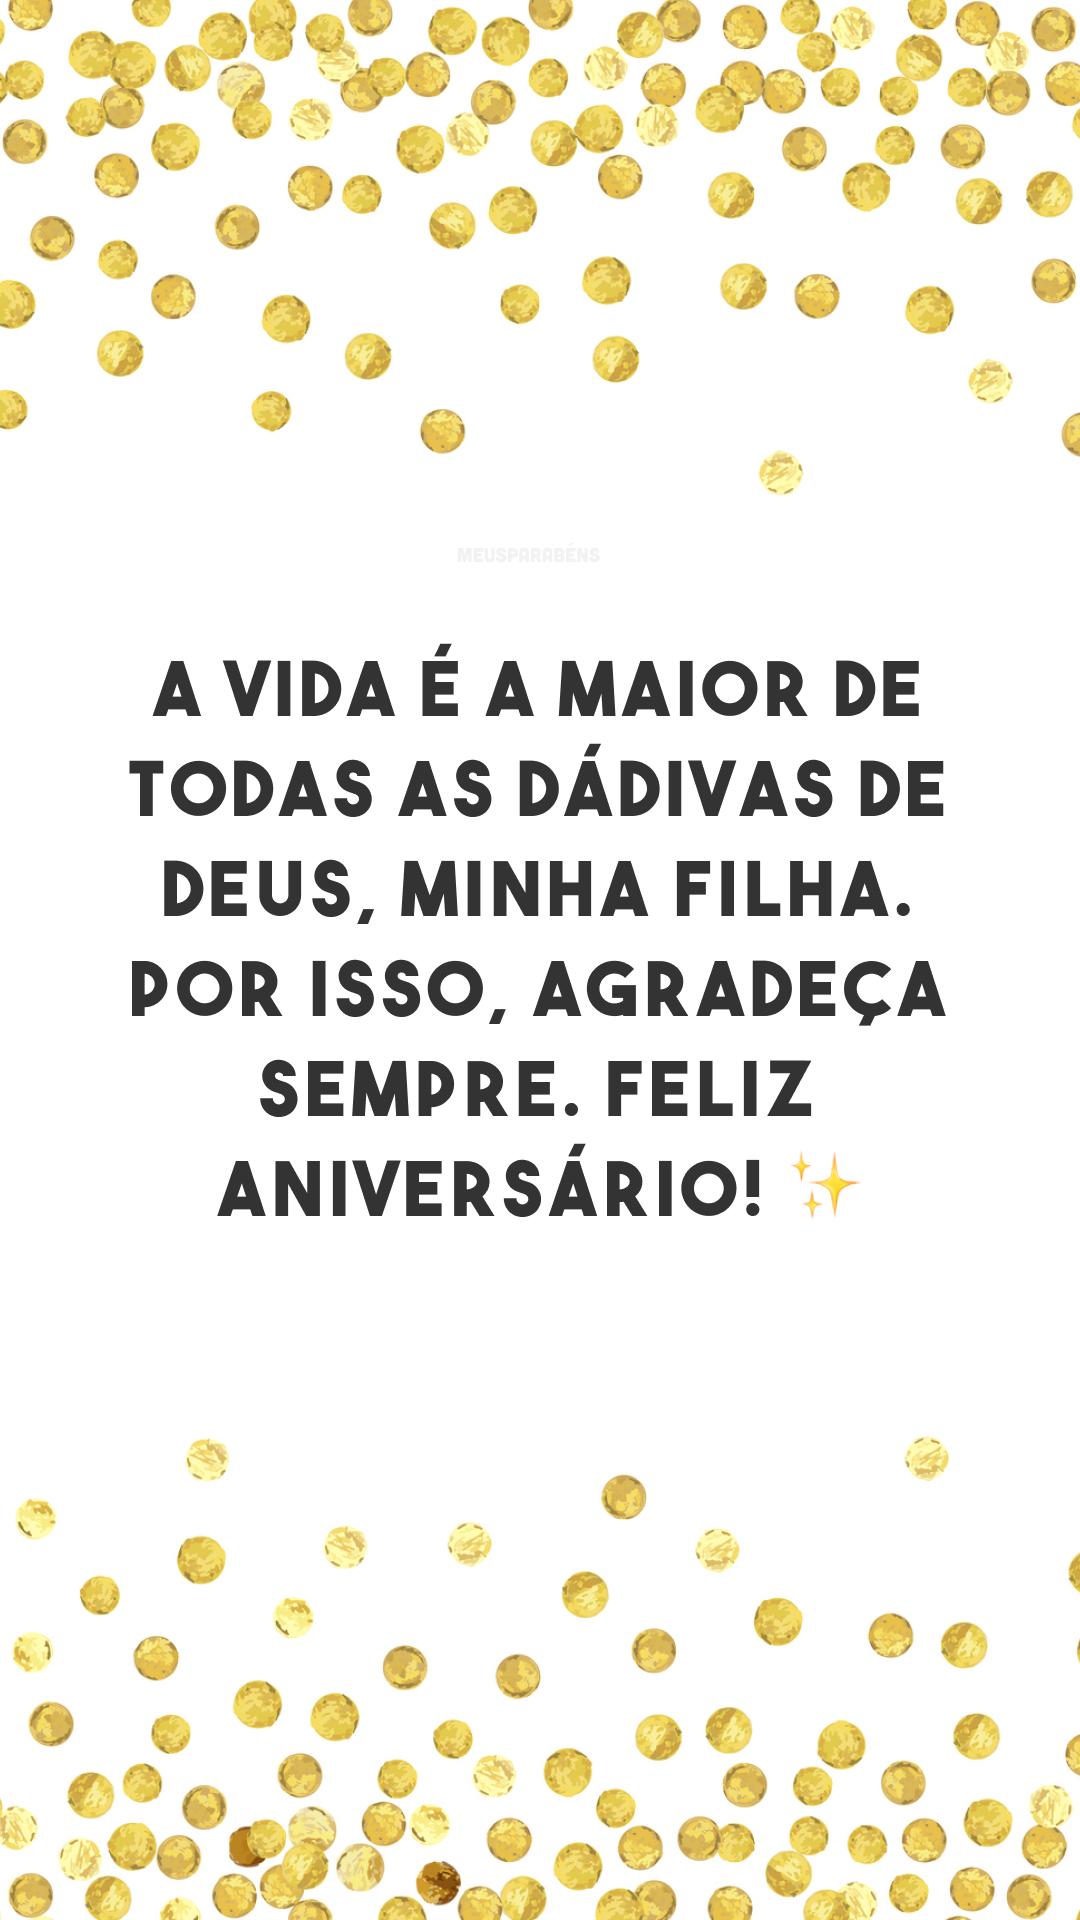 A vida é a maior de todas as dádivas de Deus, minha filha. Por isso, agradeça sempre. Feliz aniversário! ✨✨